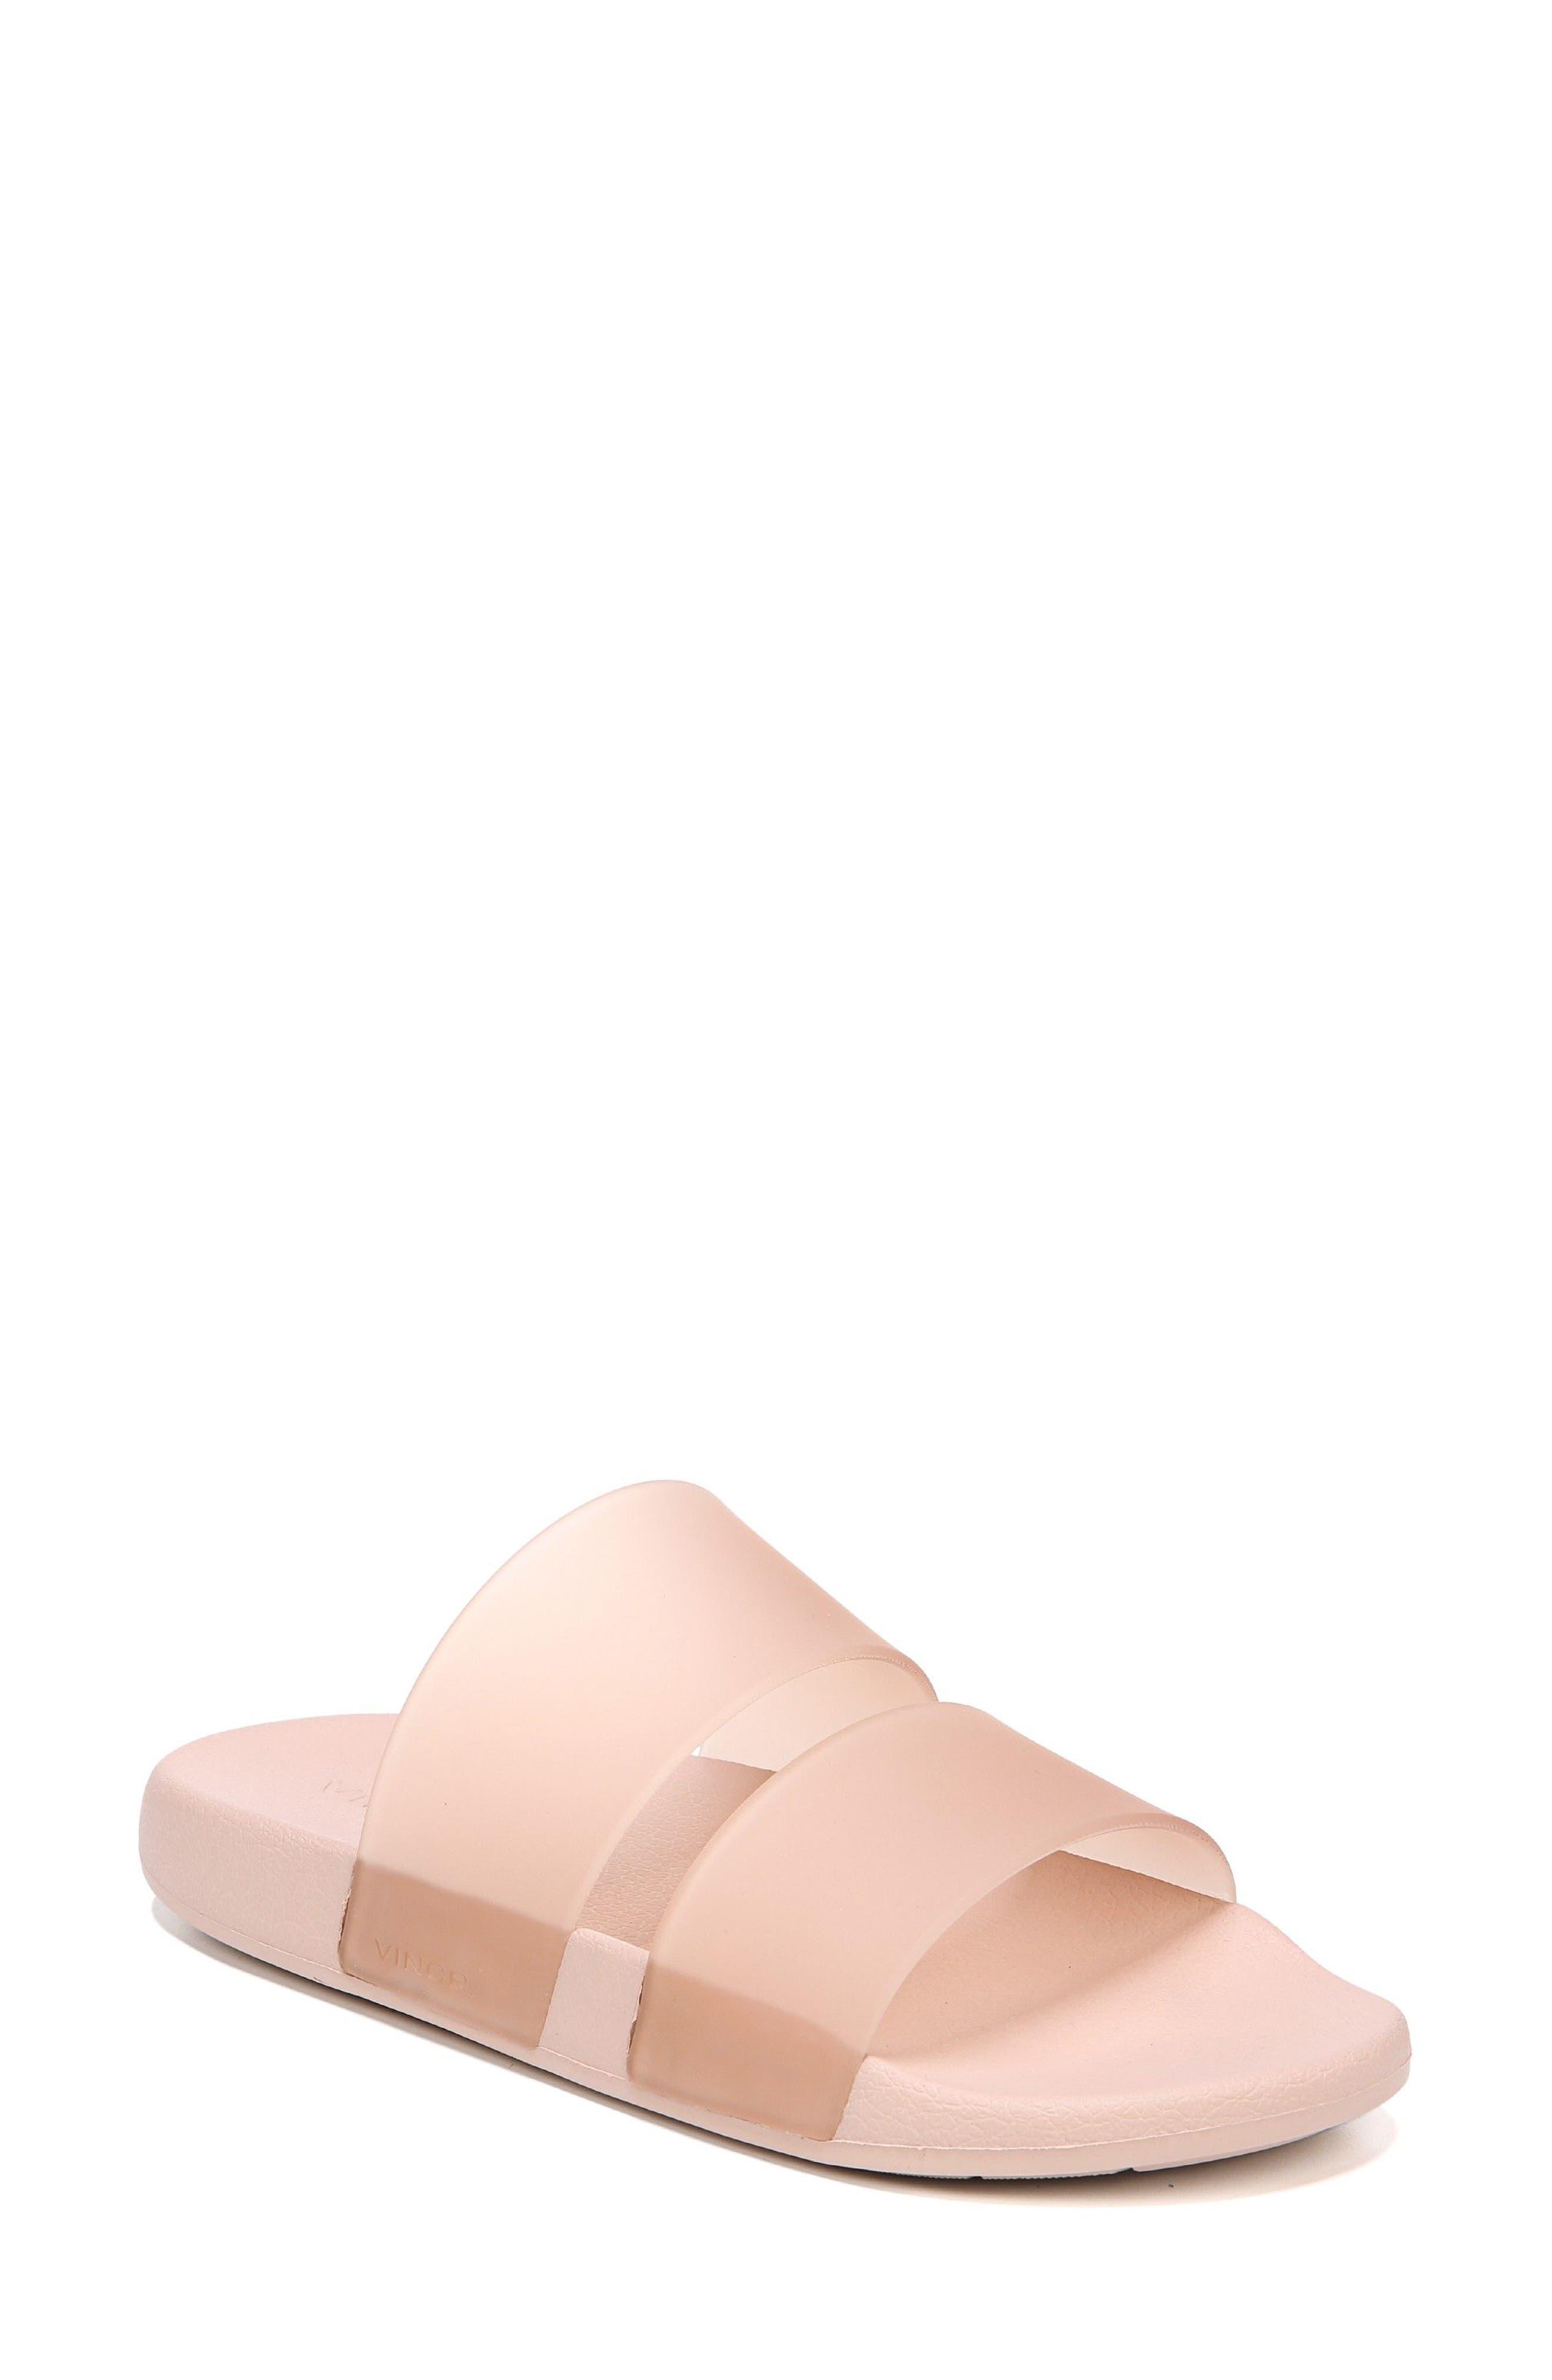 Wynne Slide Sandal,                         Main,                         color, 021